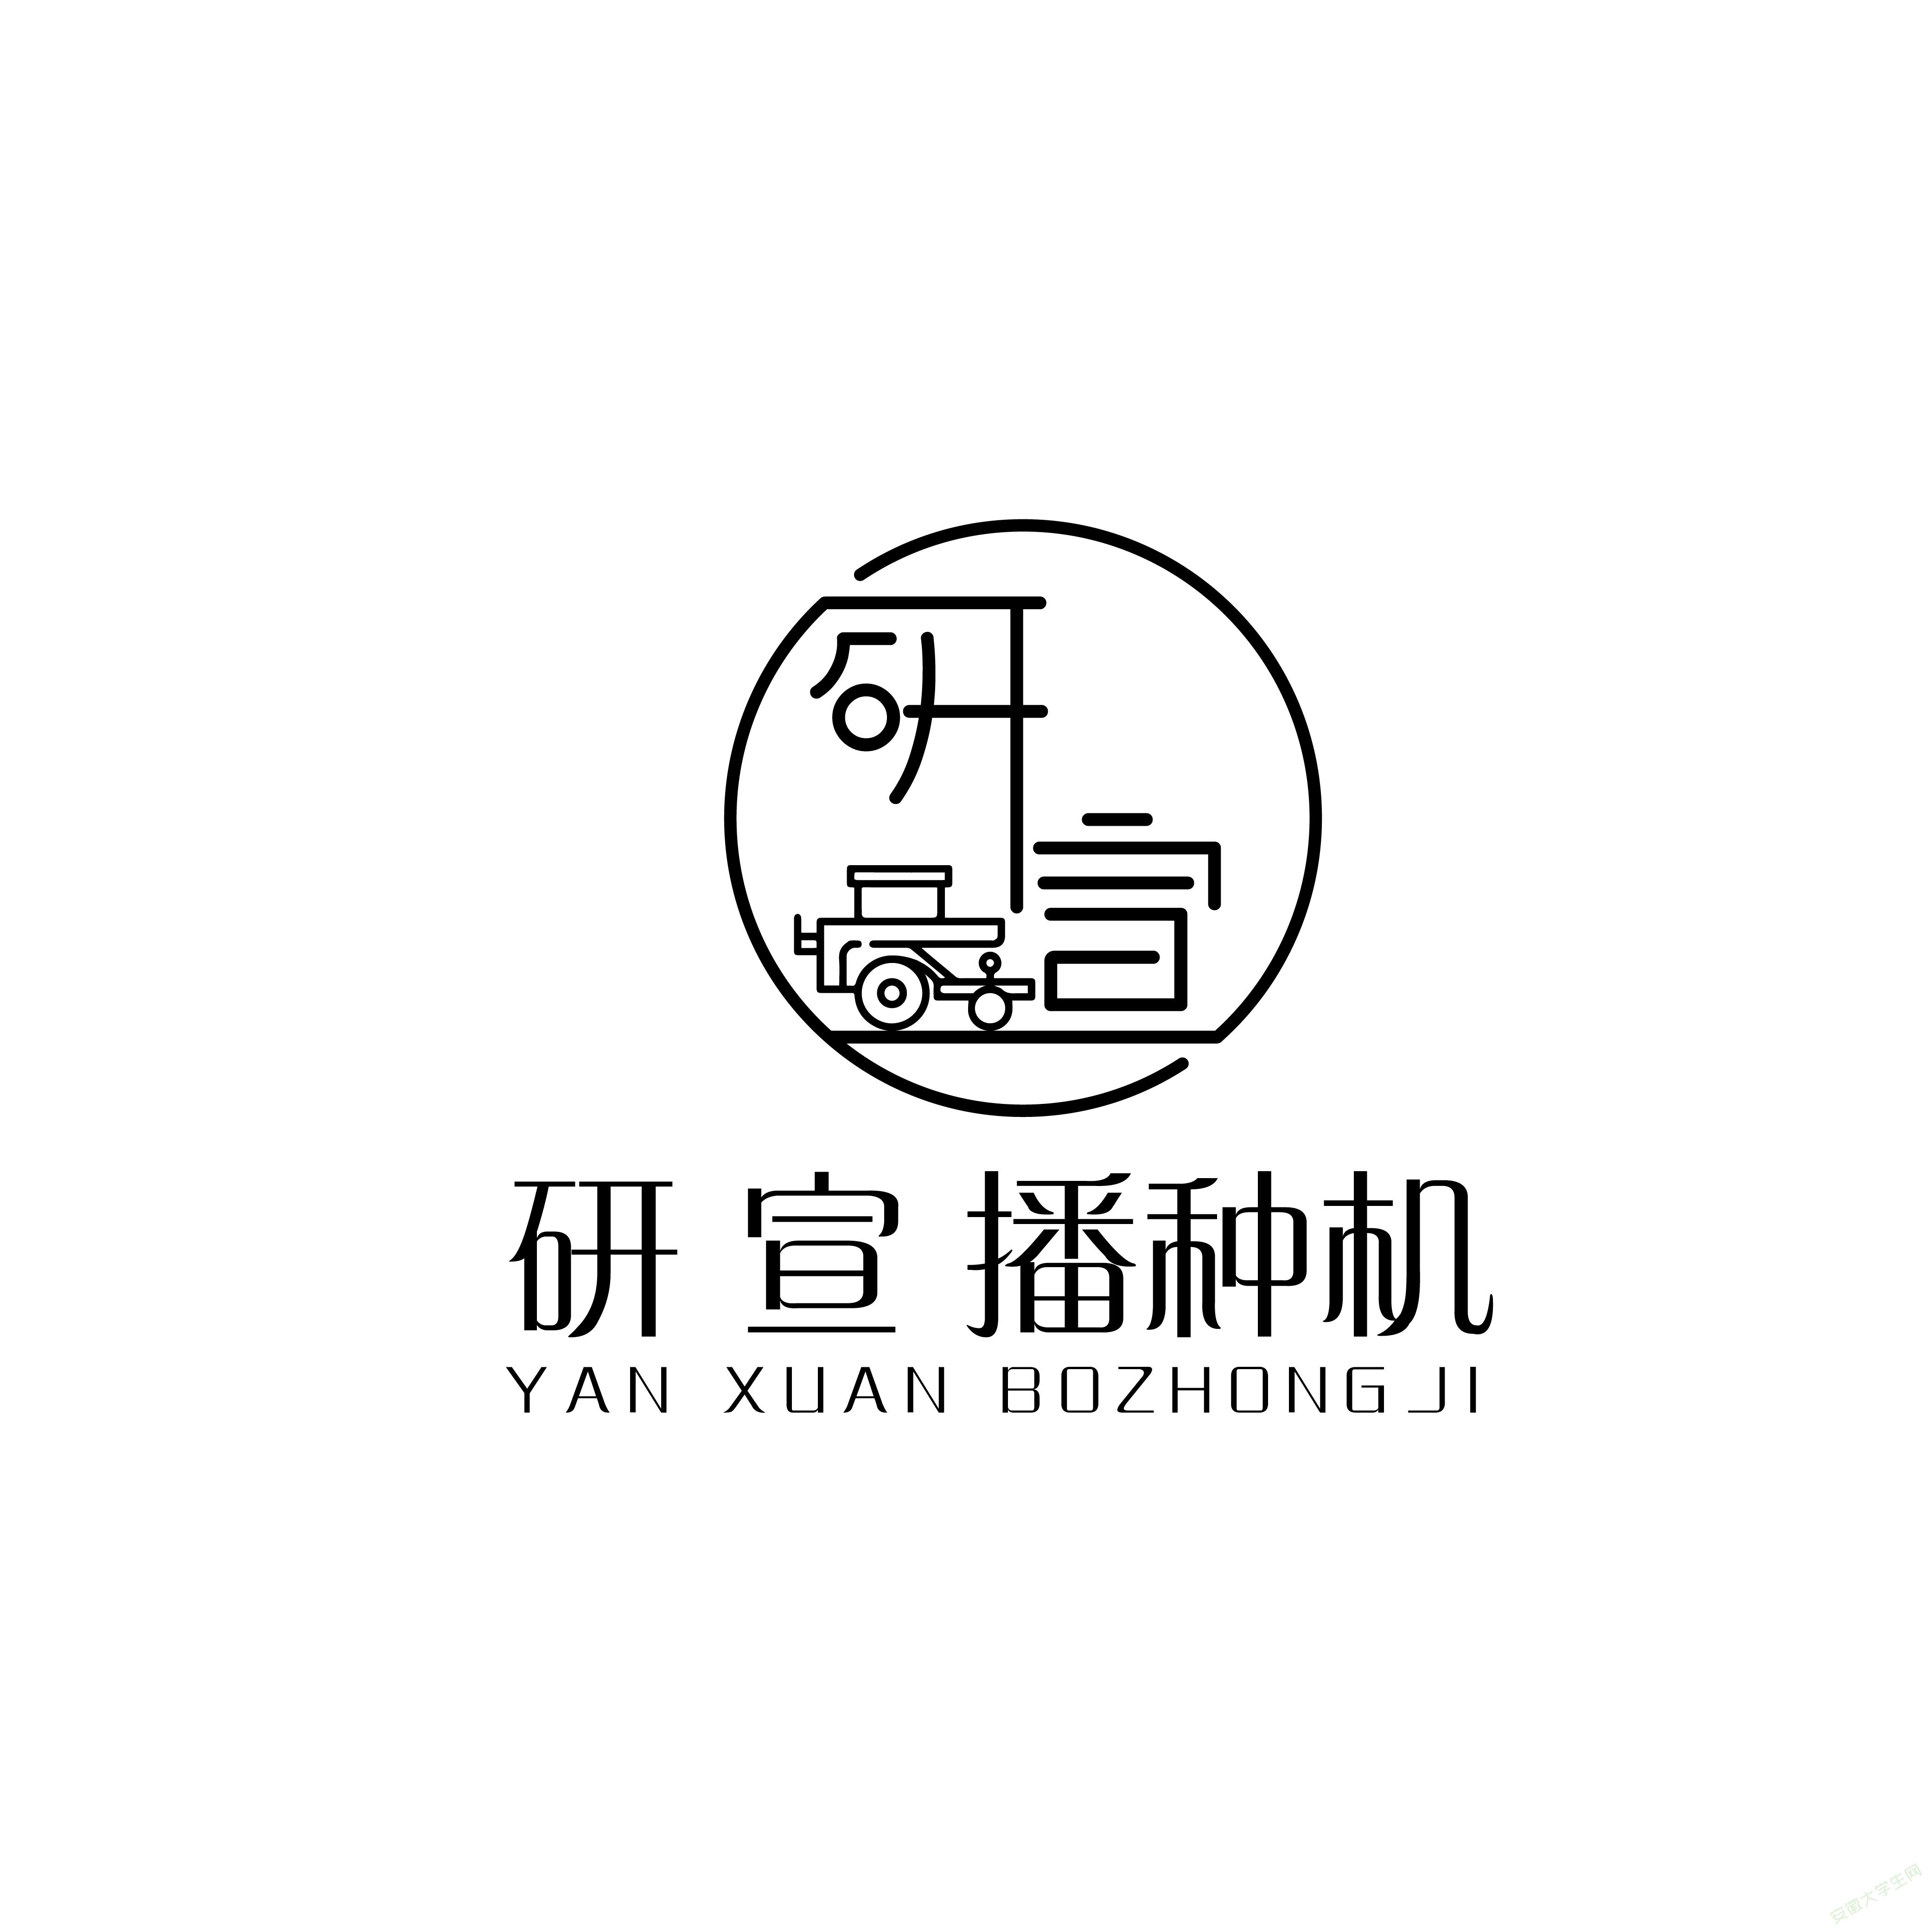 """今日出征!安徽工程大学基层理论""""播种机""""团队10名""""司机"""" 开启筑梦之旅"""